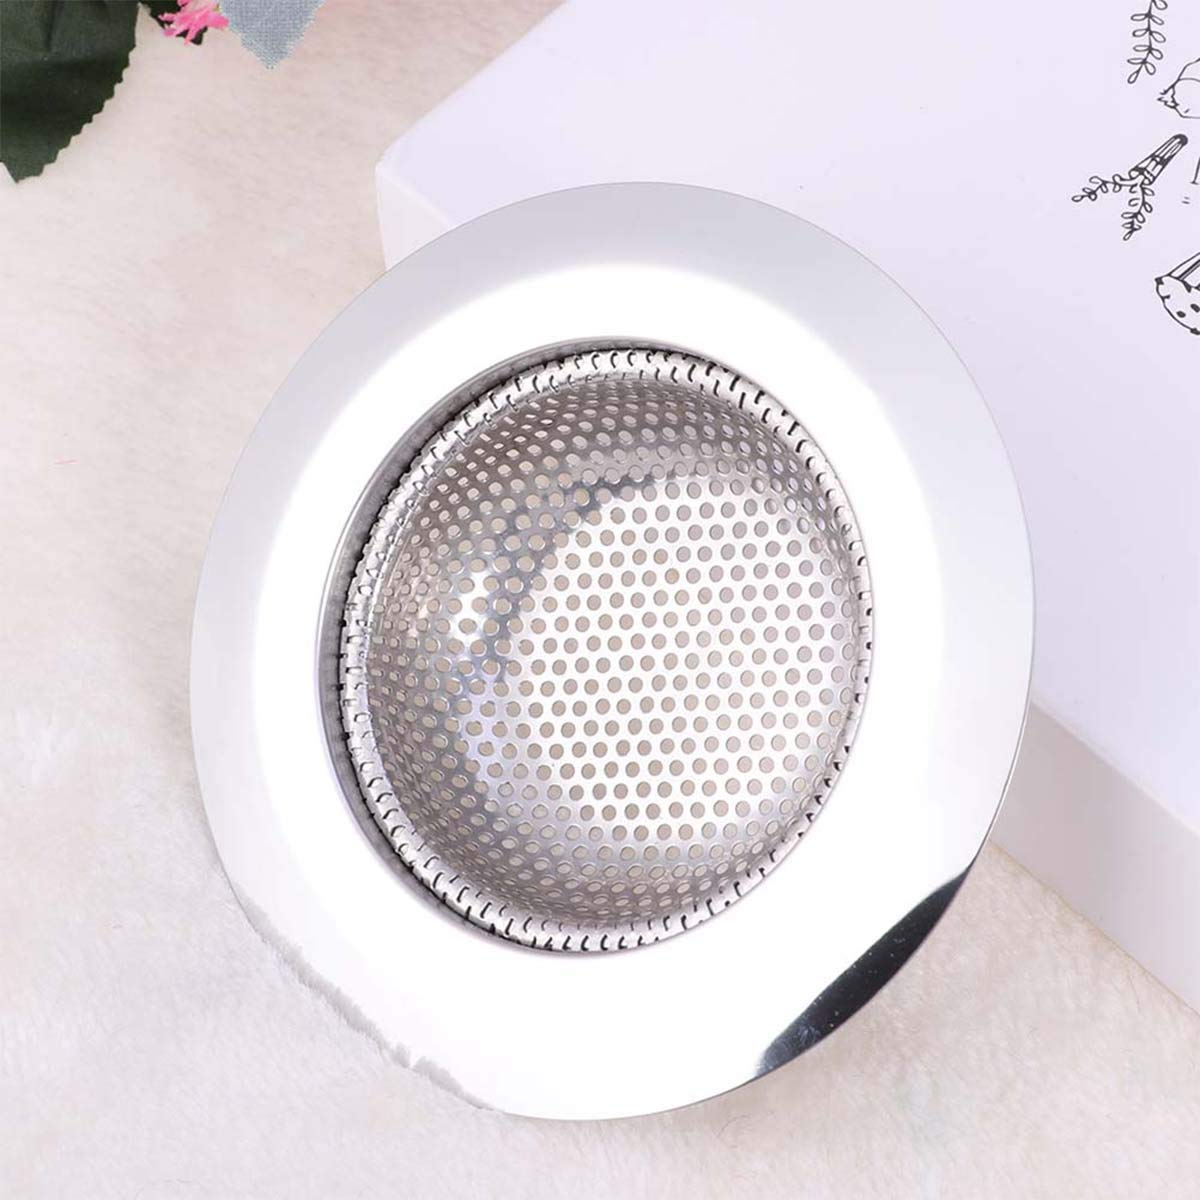 Yardwe Acero Inoxidable Pelo Catcher Pelo Tope Sink Colino Universal de Ducha Drain Cubierta Filtro para Cocina ba/ño ba/ñera y Cocina